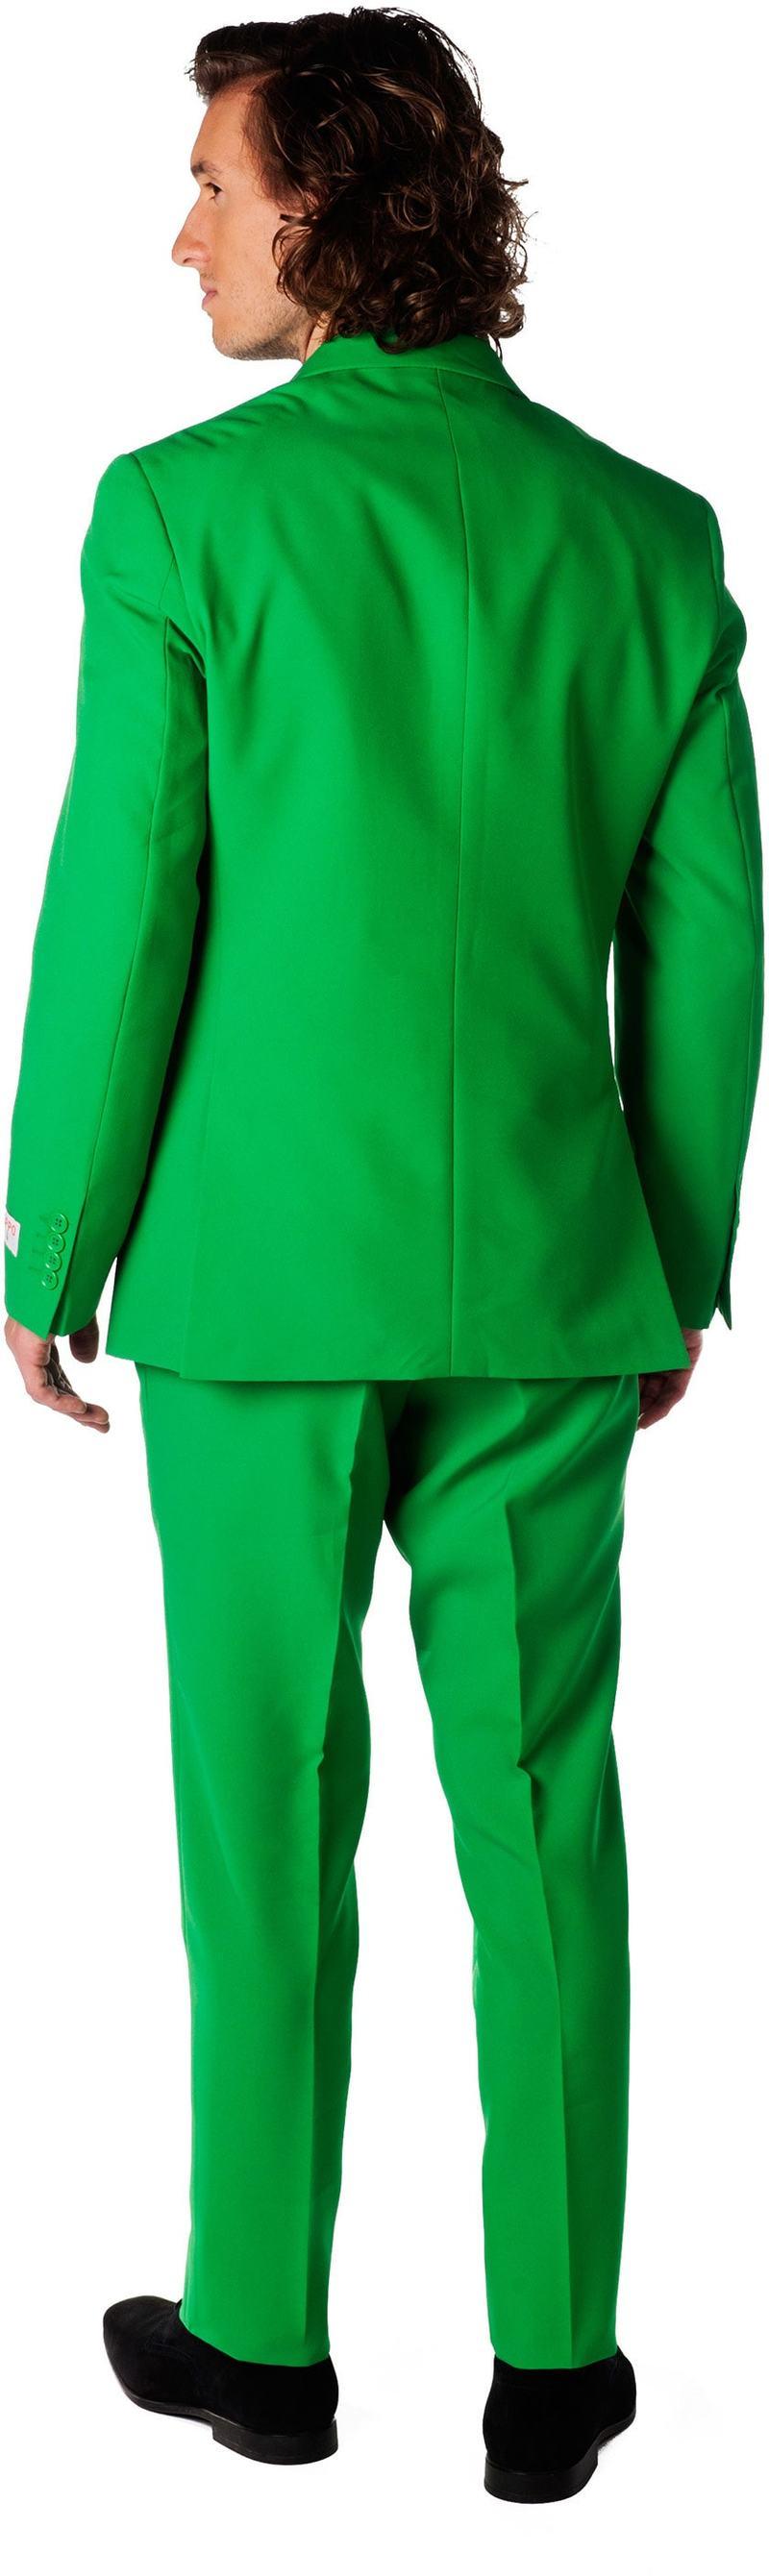 OppoSuits Evergreen Kostüm Foto 1